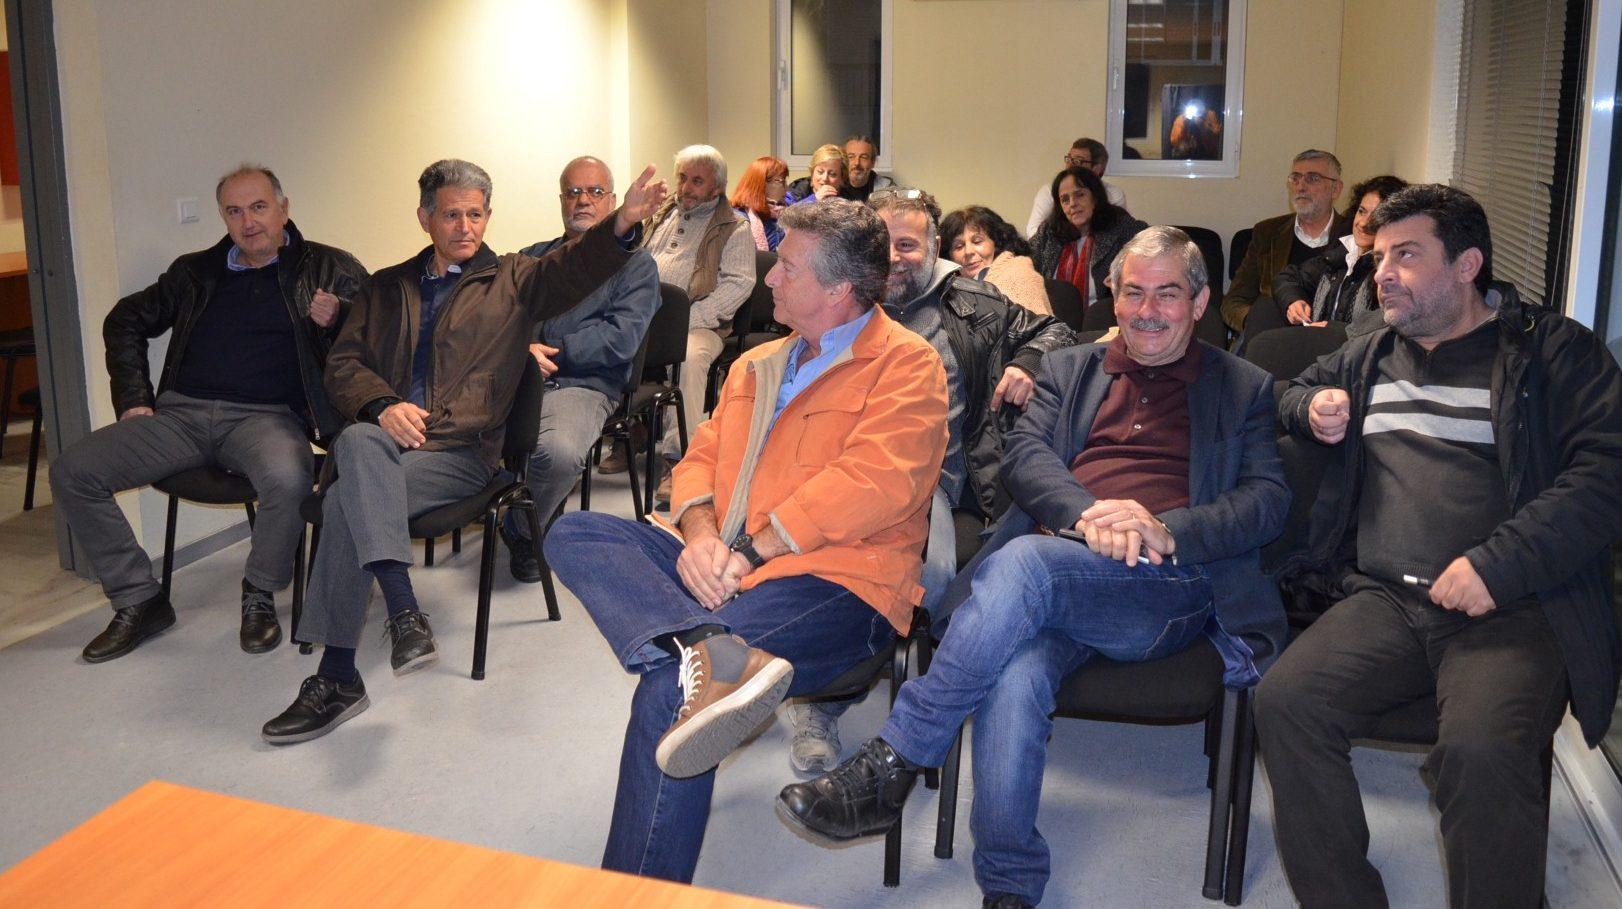 Συνεδρίασε η Επιτροπή Αλληλεγγύης κατά των πλειστηριασμών